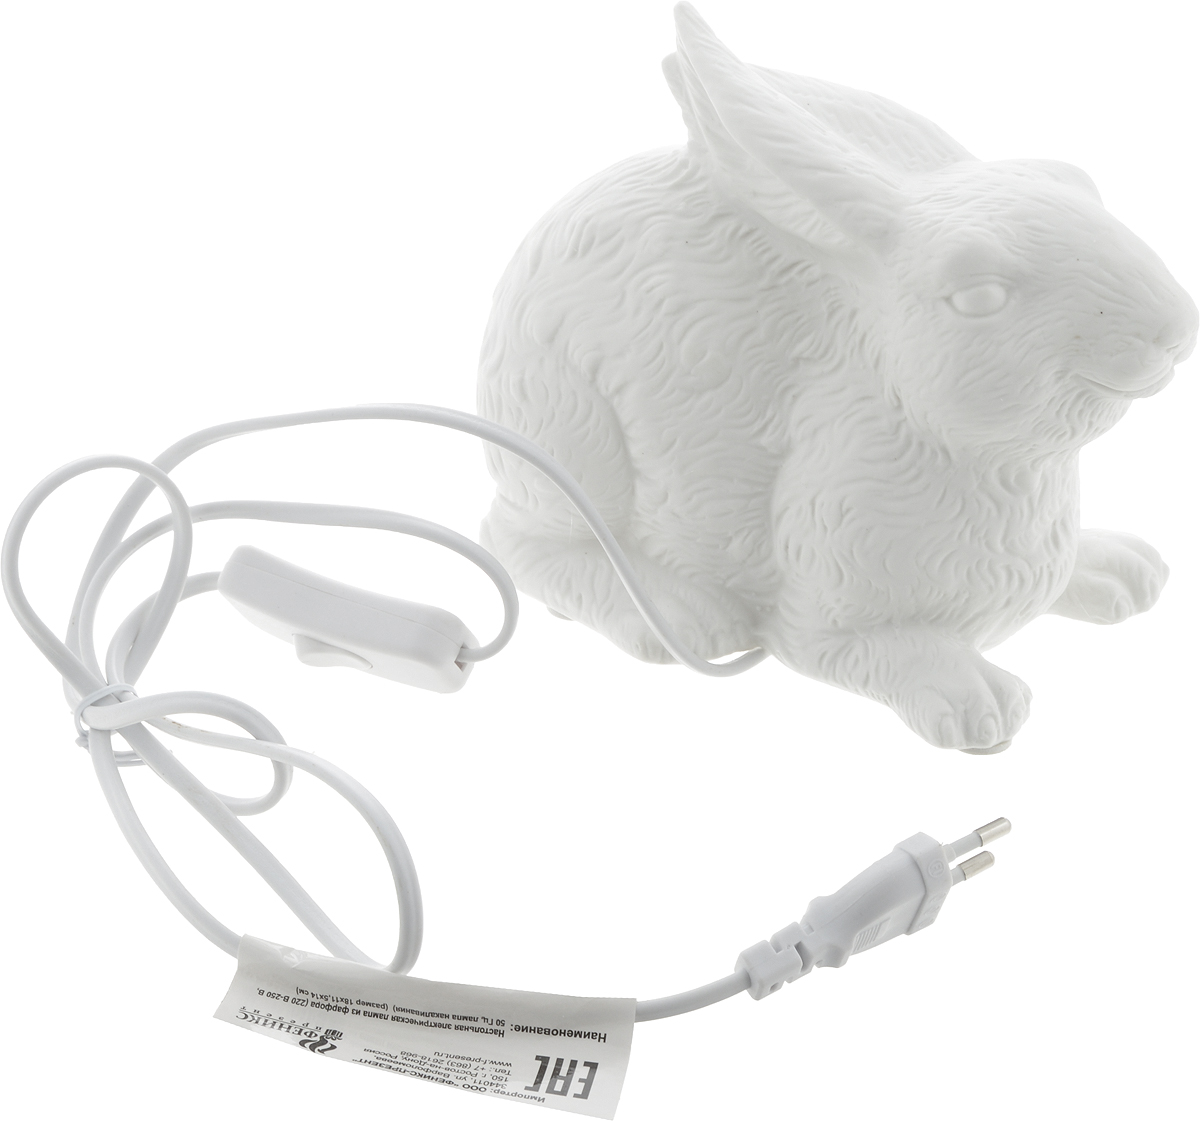 Лампа настольная Феникс-Презент Заяц, 18 х 11,5 х 14 см41622Оригинальная настольная лампа Феникс-Презент Заяц изготовлена из фарфора. Включение производится механически с помощью кнопки. Лампочка легко меняется. Длина провода: 145 см. Питание: от розетки. Напряжение: 220 В. Частота: 50 Гц. Размер лампы: 18 х 11,5 х 14 см.